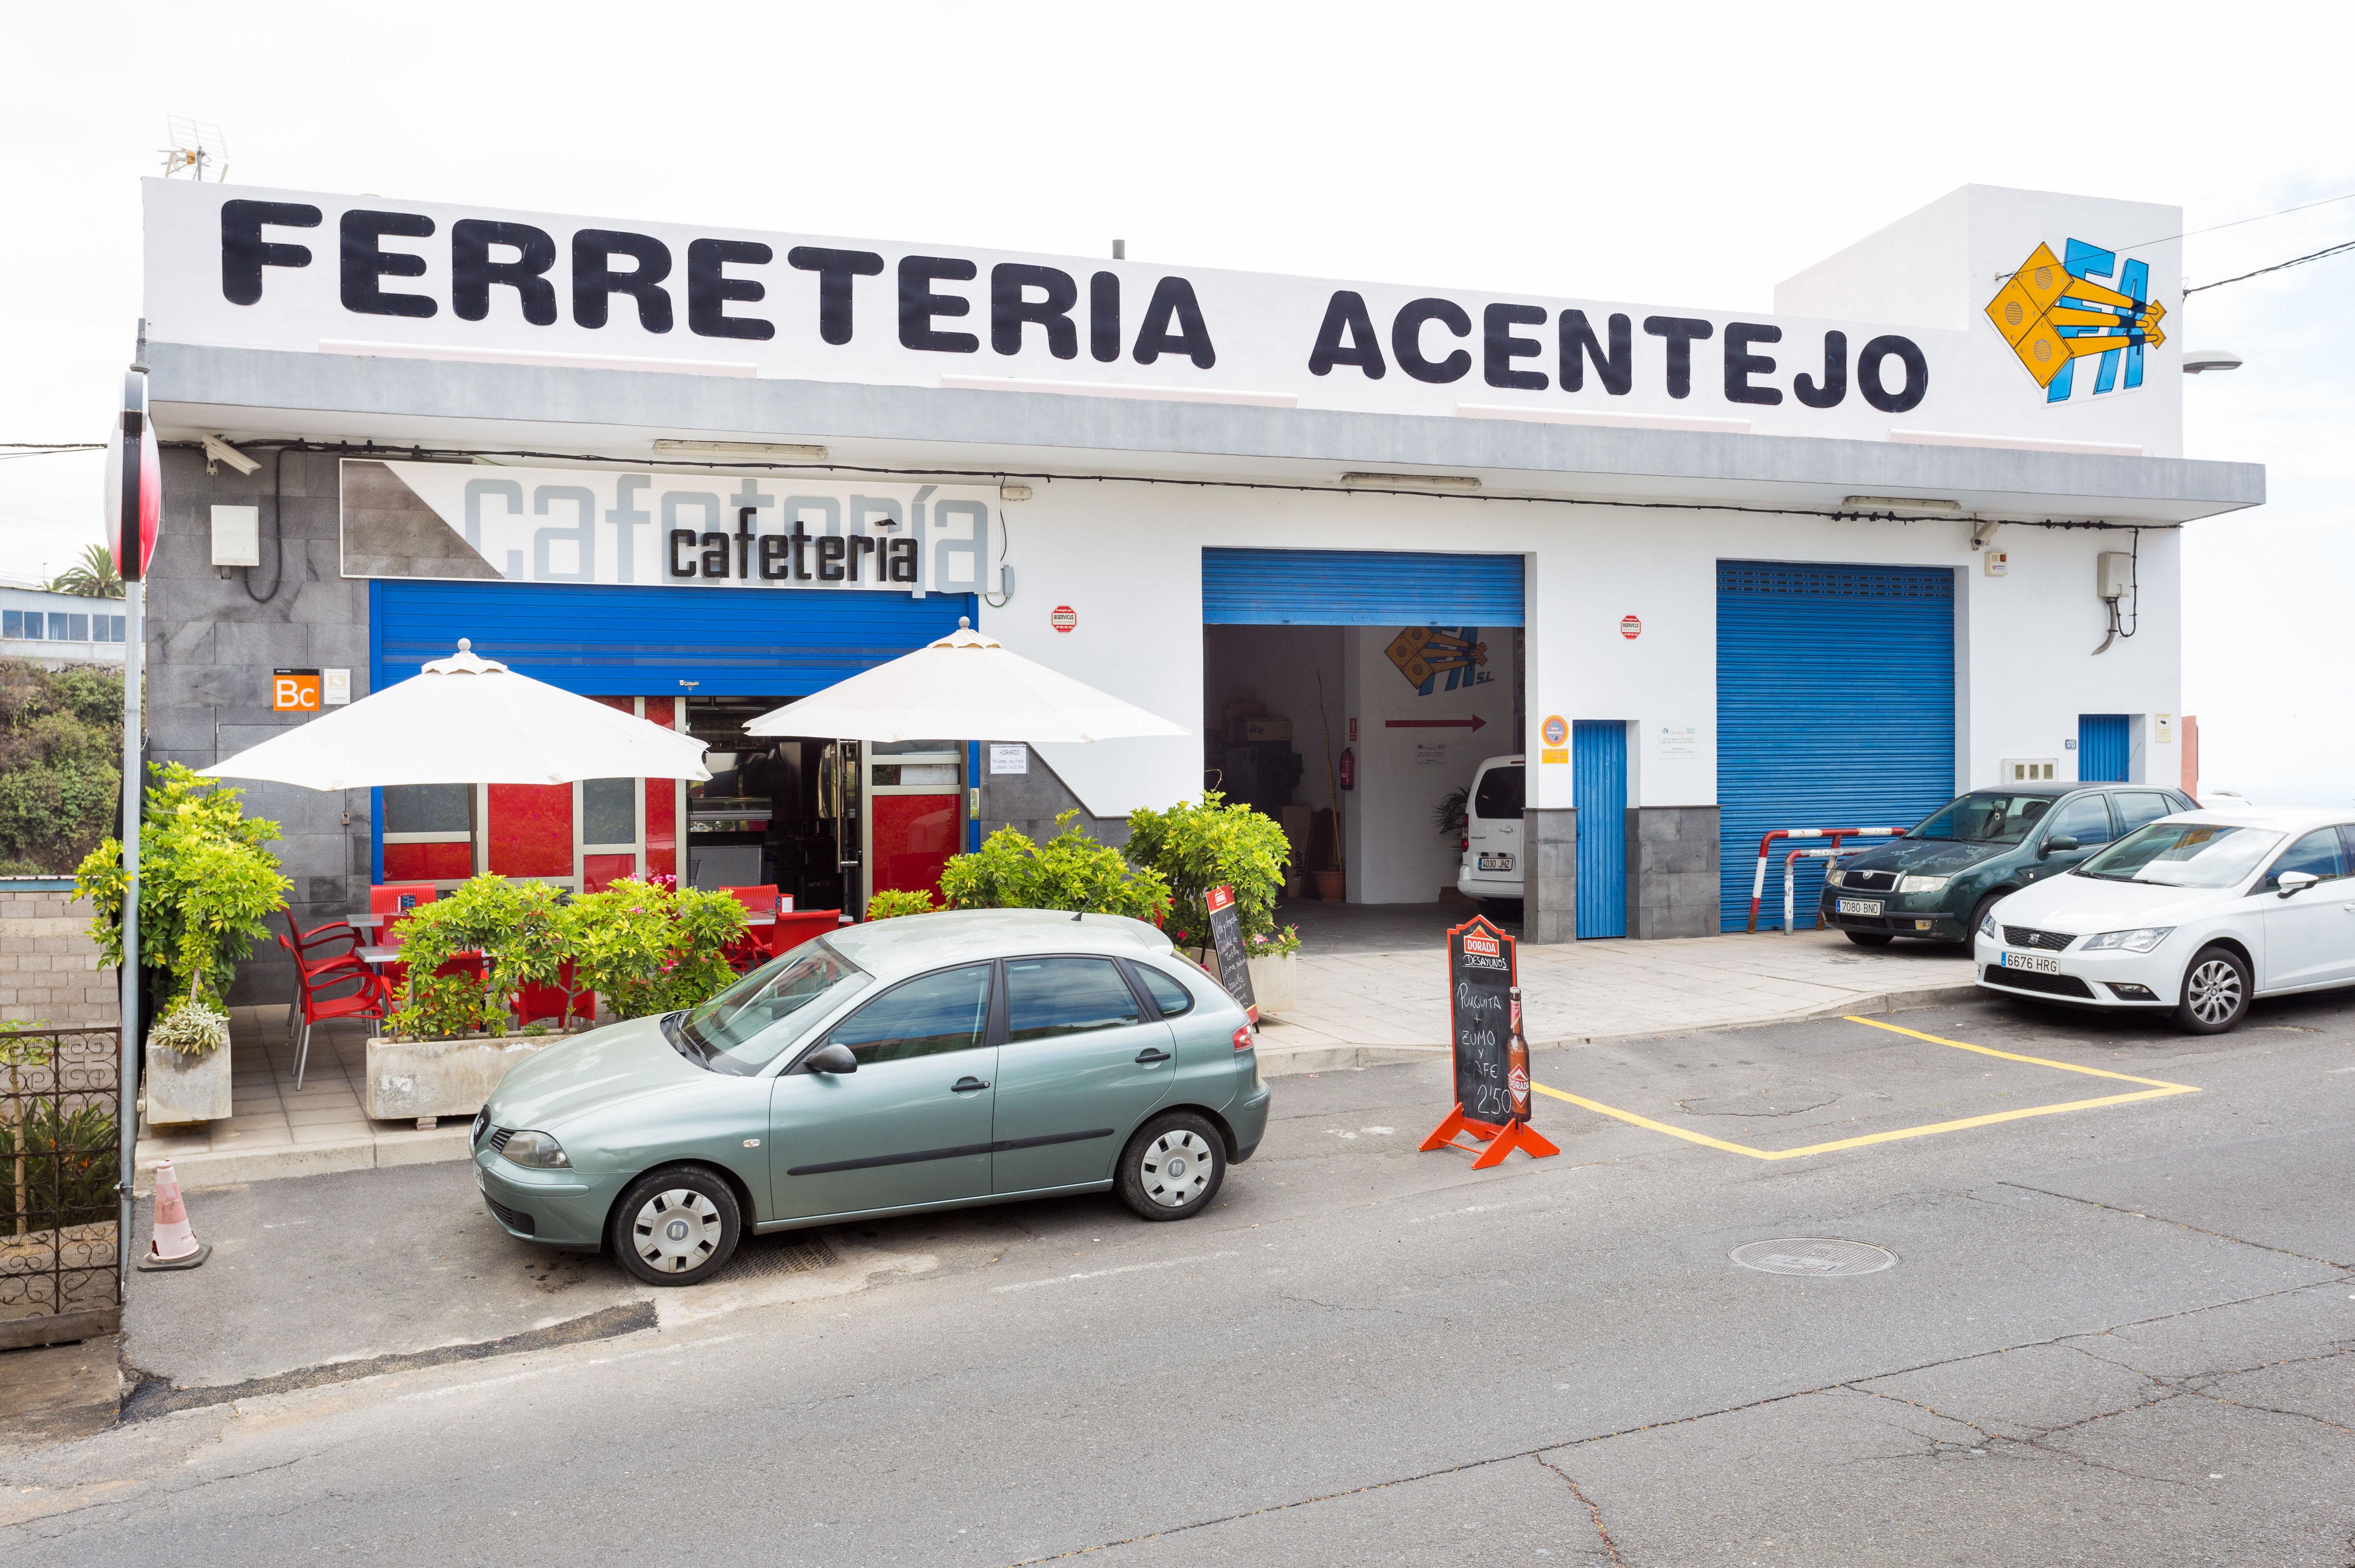 Foto 4 de Máquinas herramienta en La Victoria de Acentejo | Ferretería Acentejo, S.L.